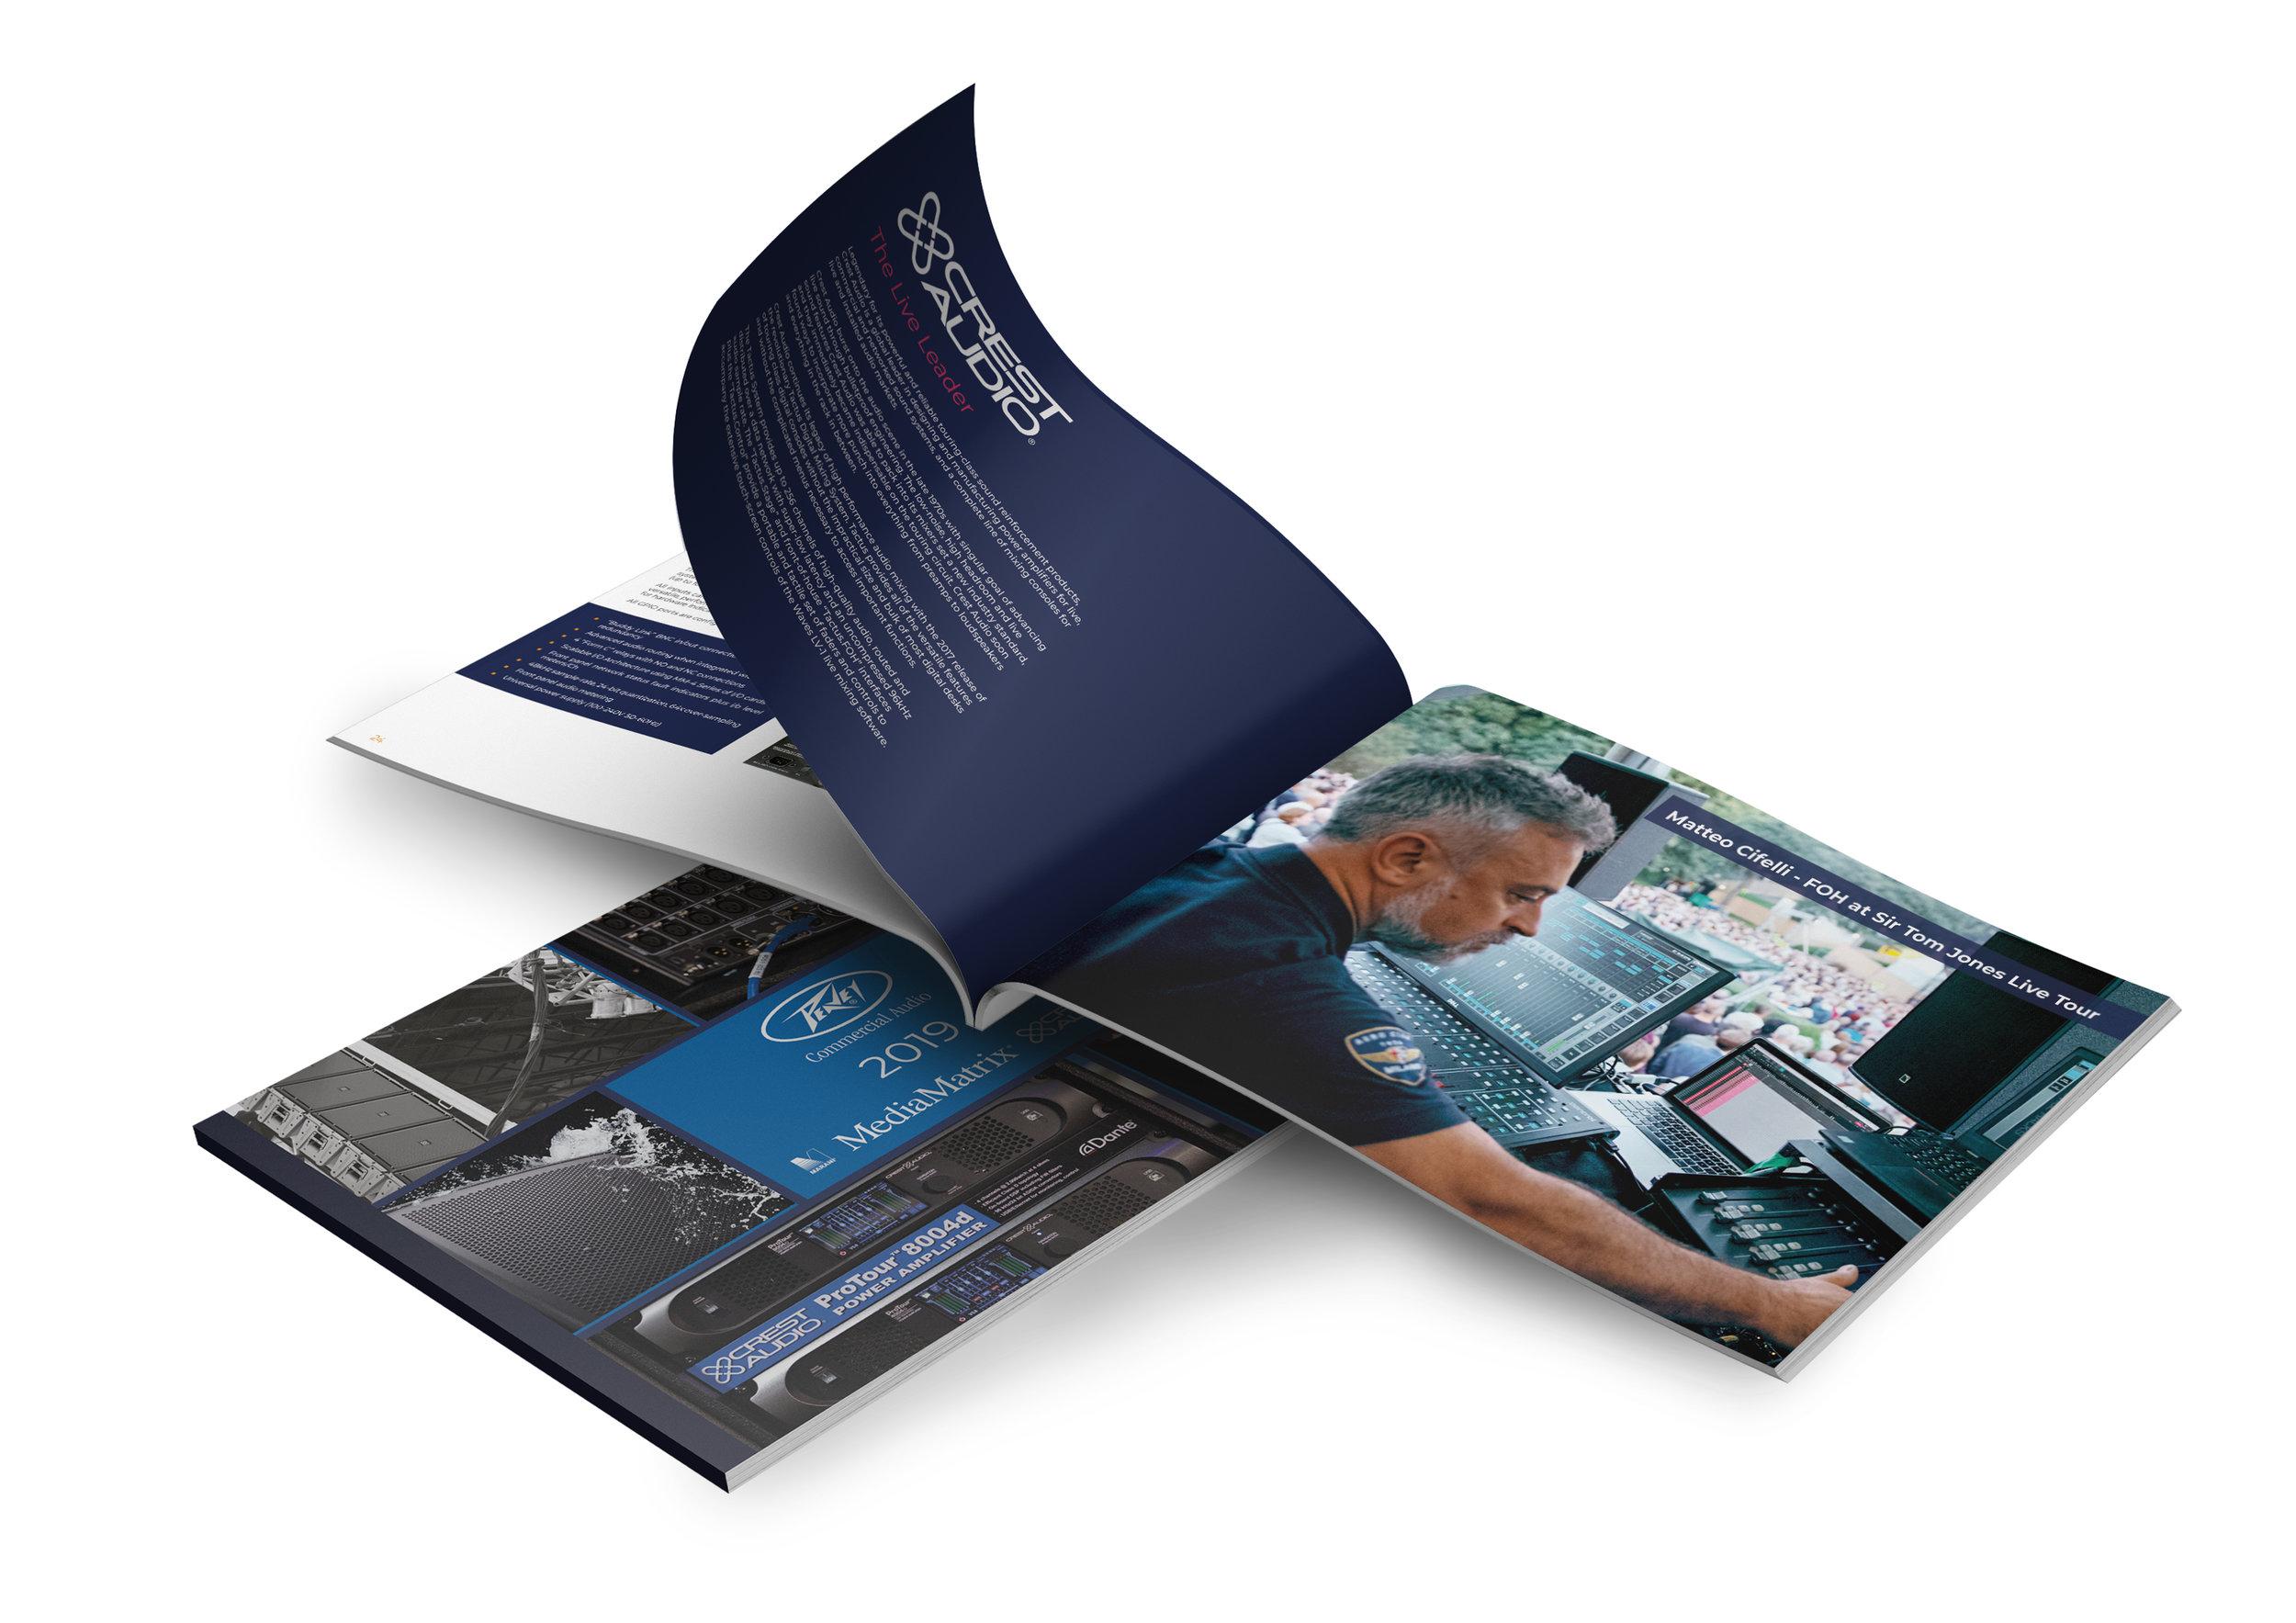 peavey brochure 2019.jpg